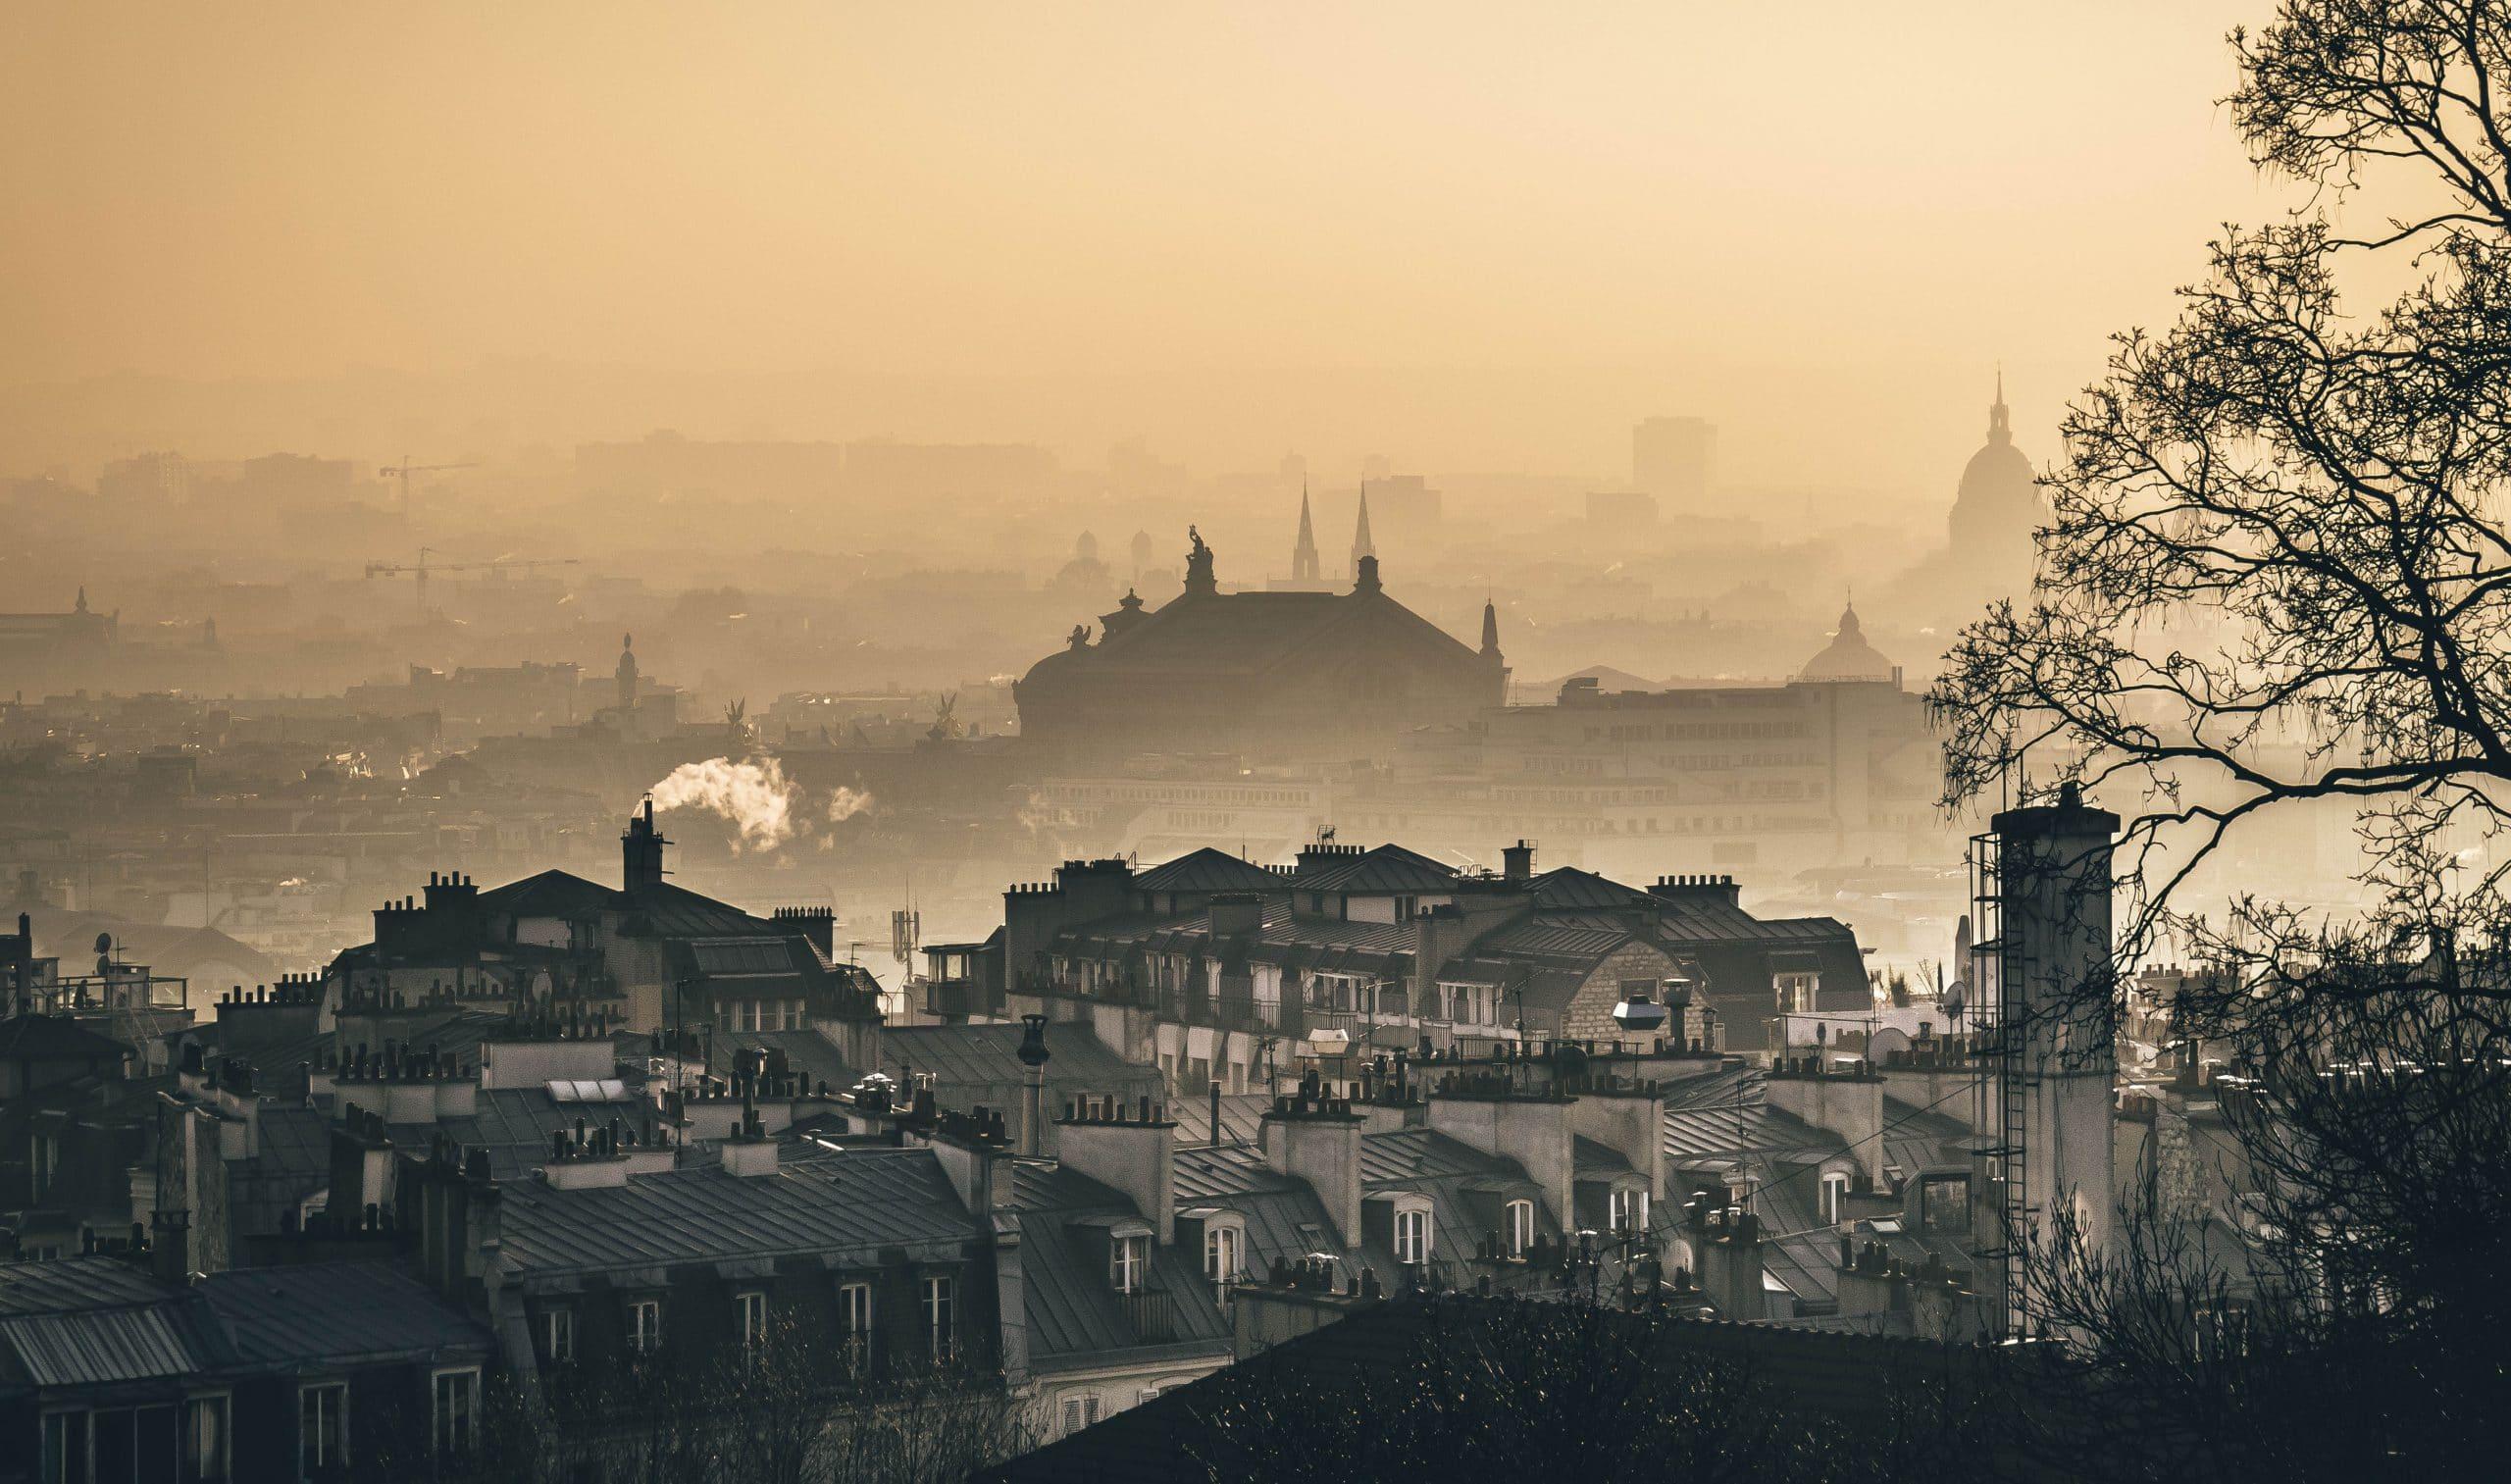 Der französische Schriftsteller Michel Houellebecq analysiert die Corona Krise. Der Bestsellerautor sieht vor allem die Vereinsamung stark zunehmen.